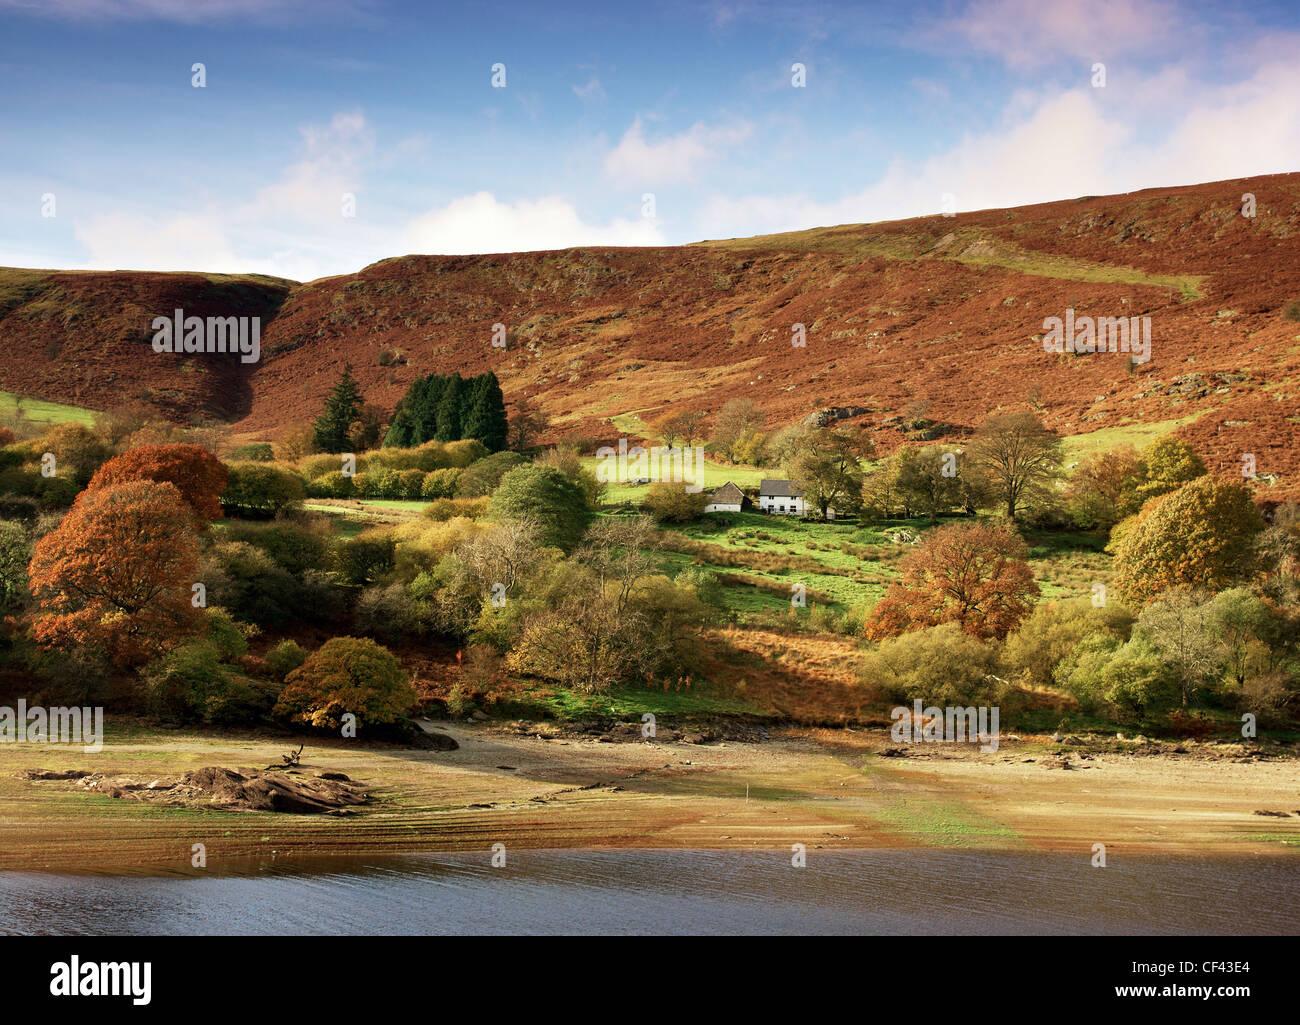 Autumnal colours on display on the hillside surrounding Garreg Ddu reservoir. - Stock Image